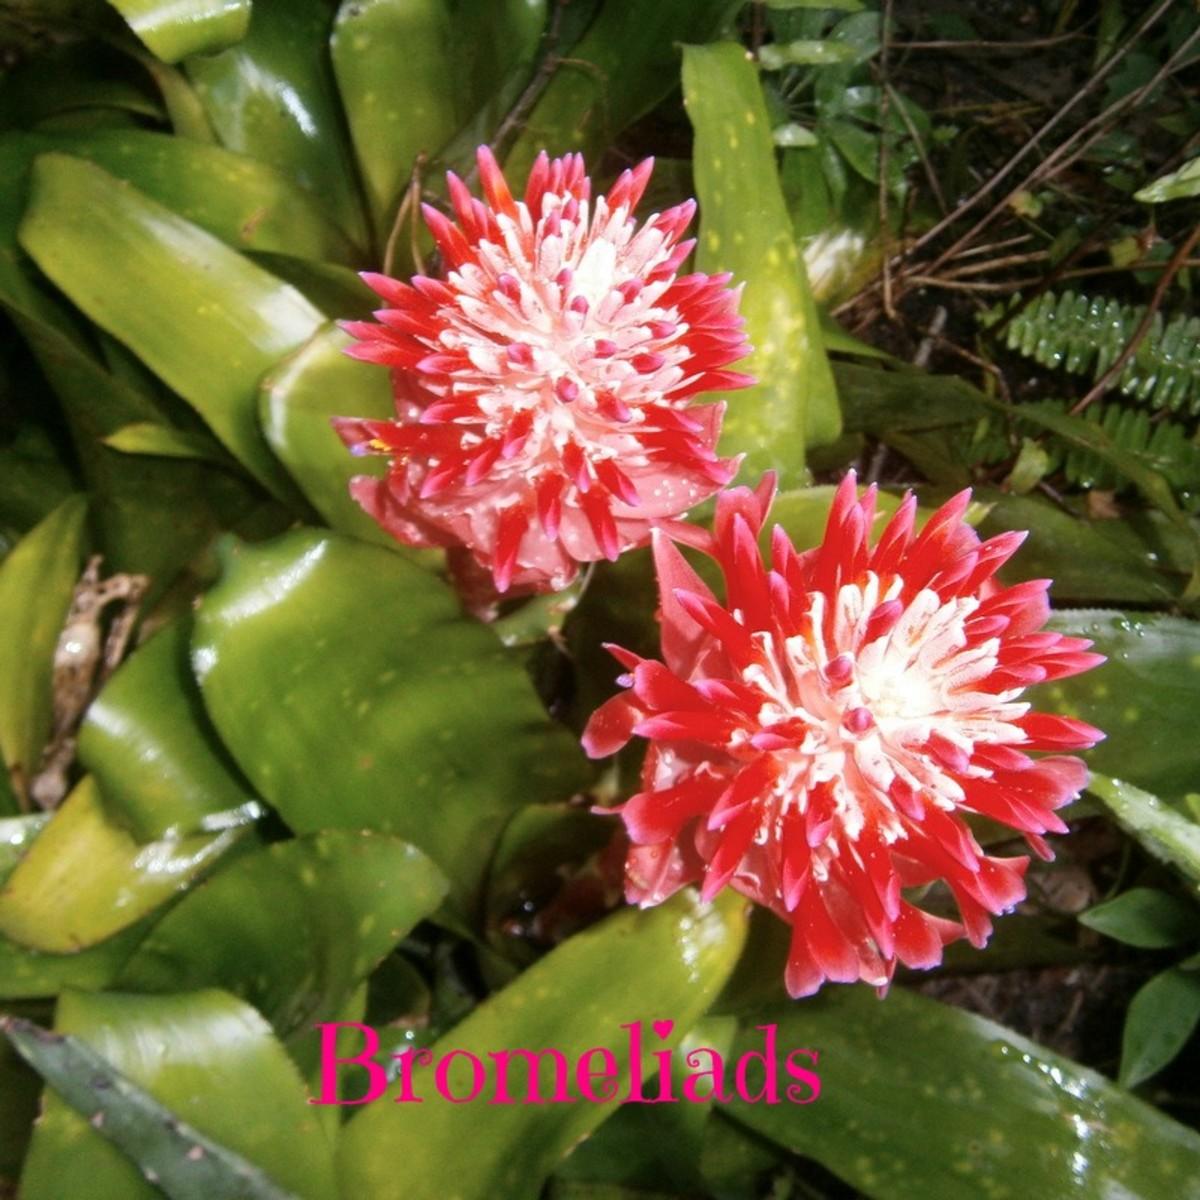 Bromeliads blooming in my garden.